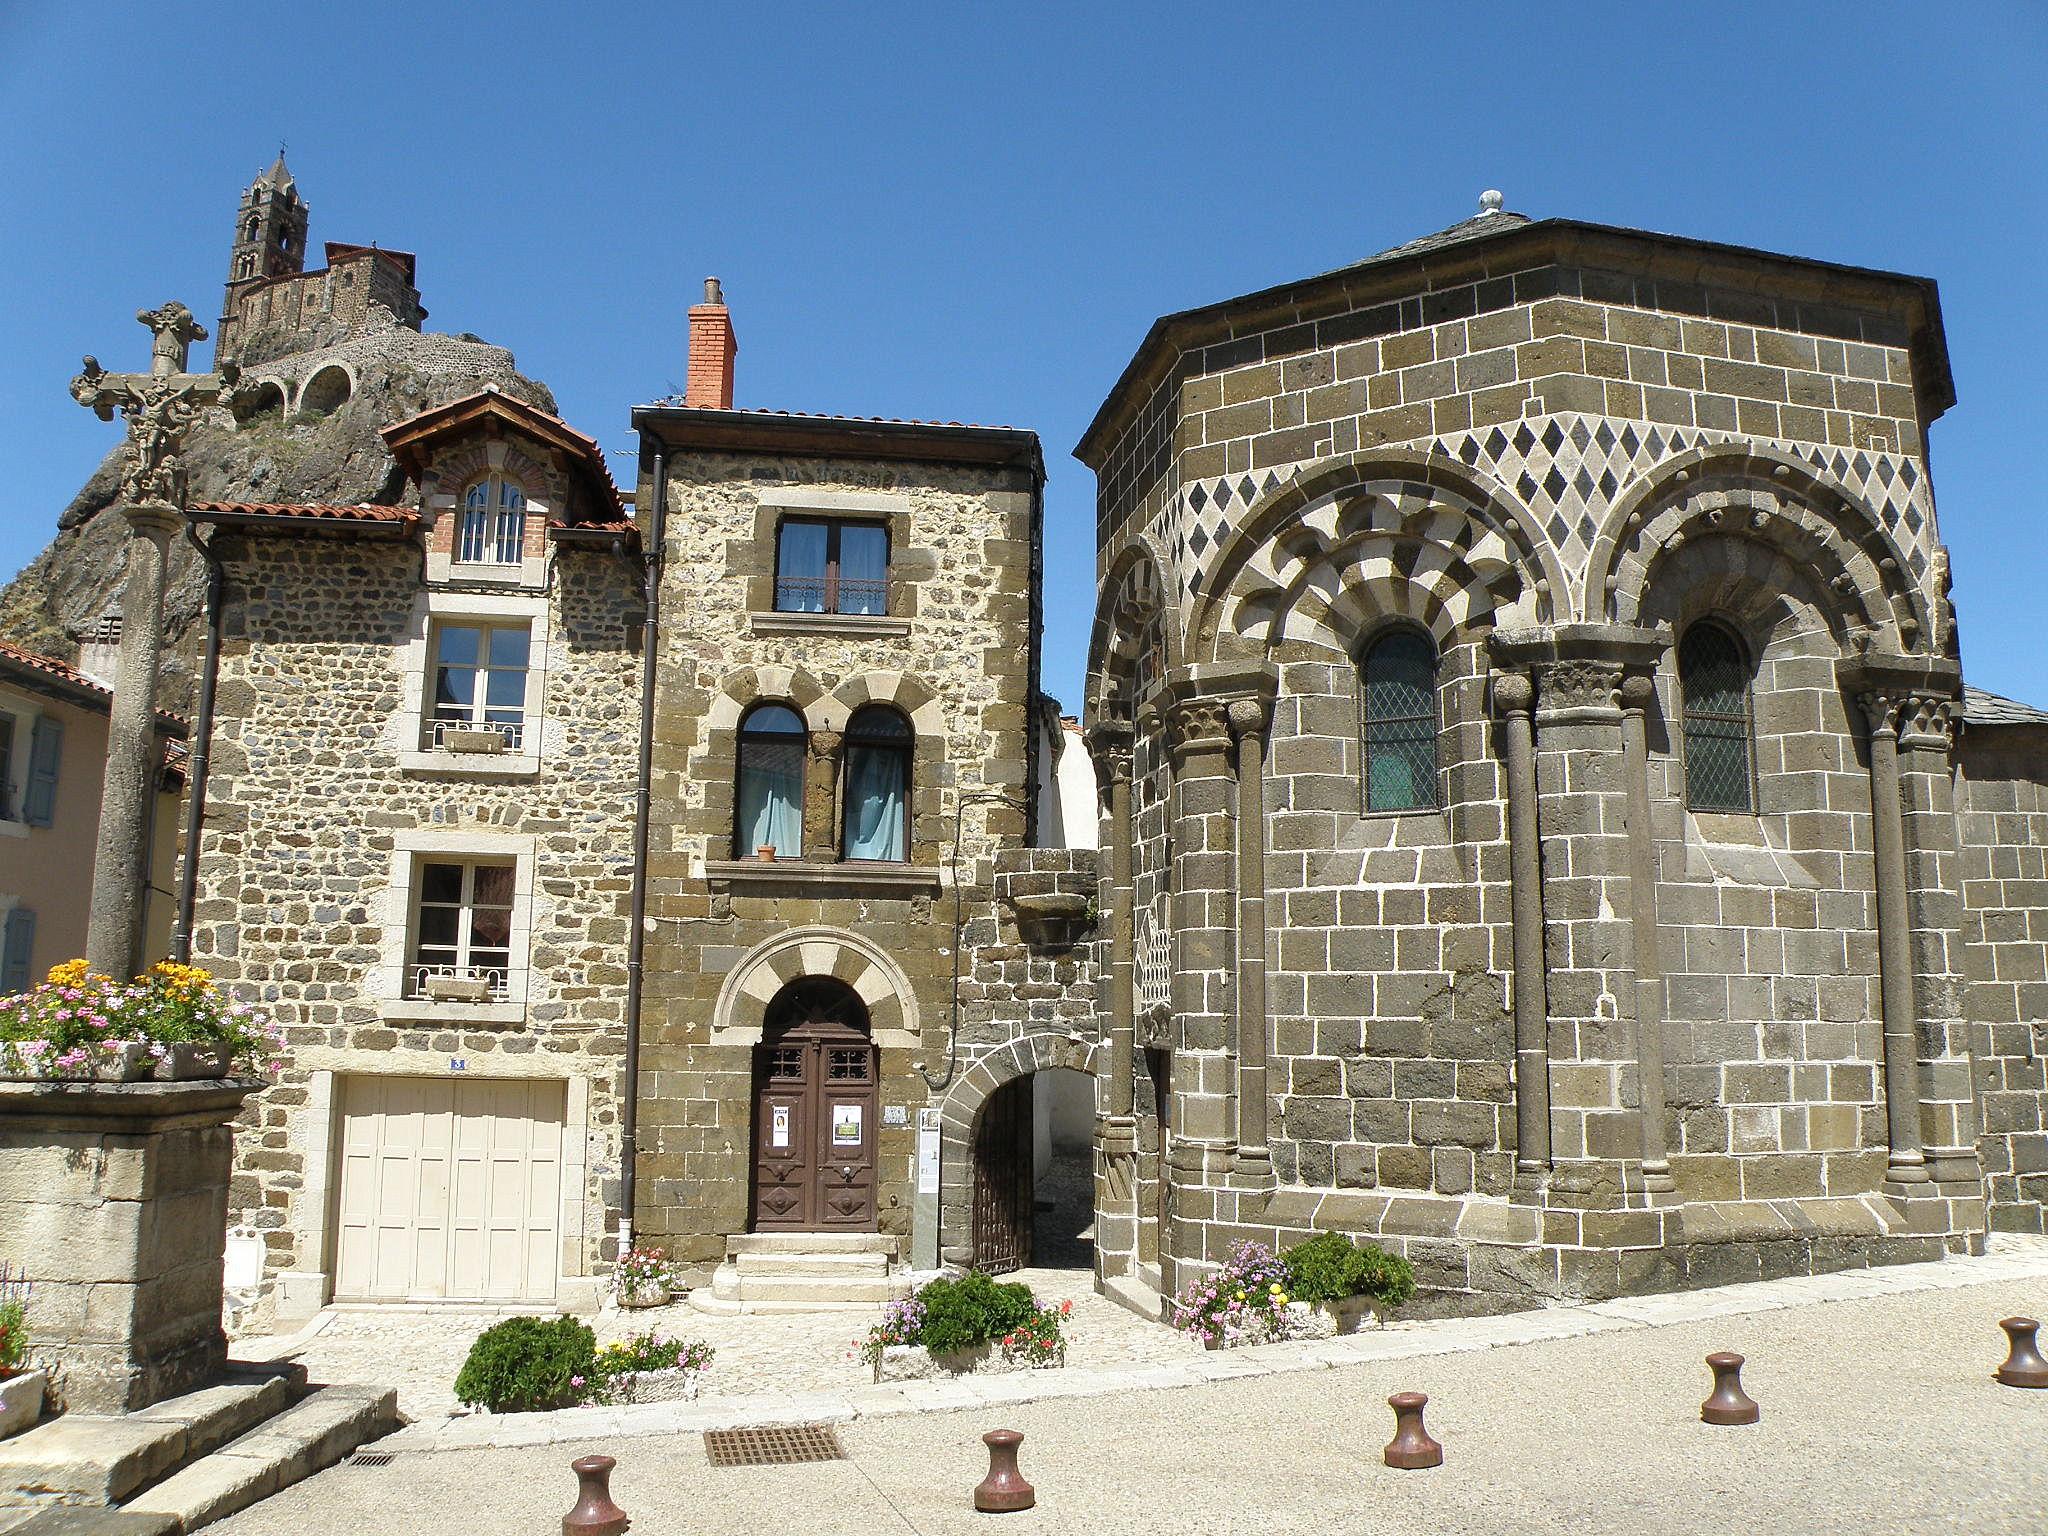 Architecte Le Puy En Velay file:le puy-en-velay chapelle saint-clair2 - wikimedia